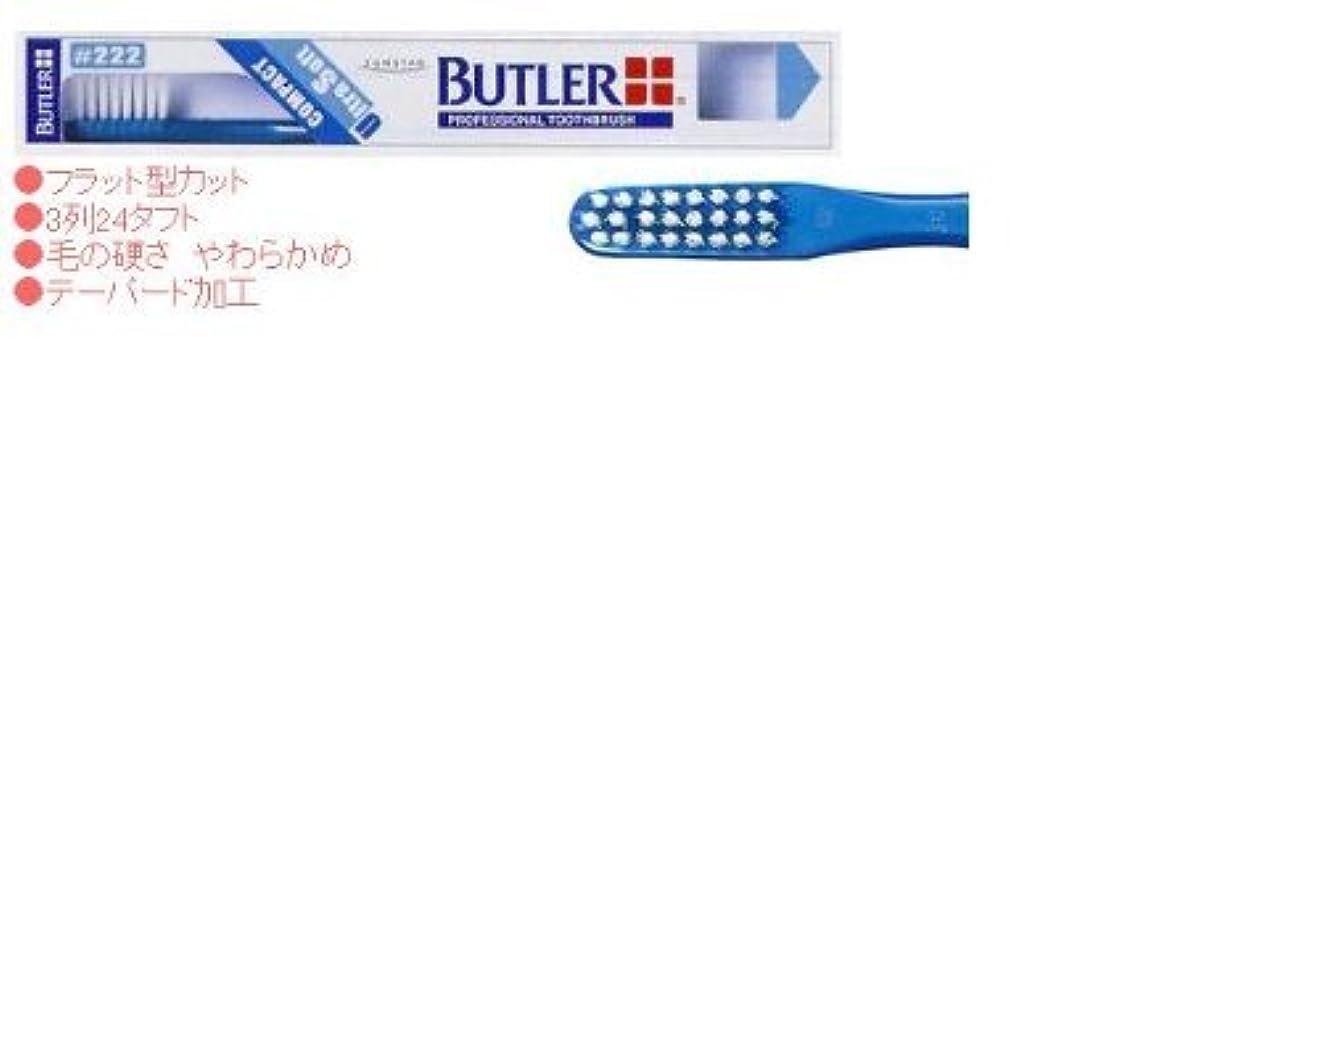 略奪アームストロングだらしないバトラー歯ブラシ 1本 #222